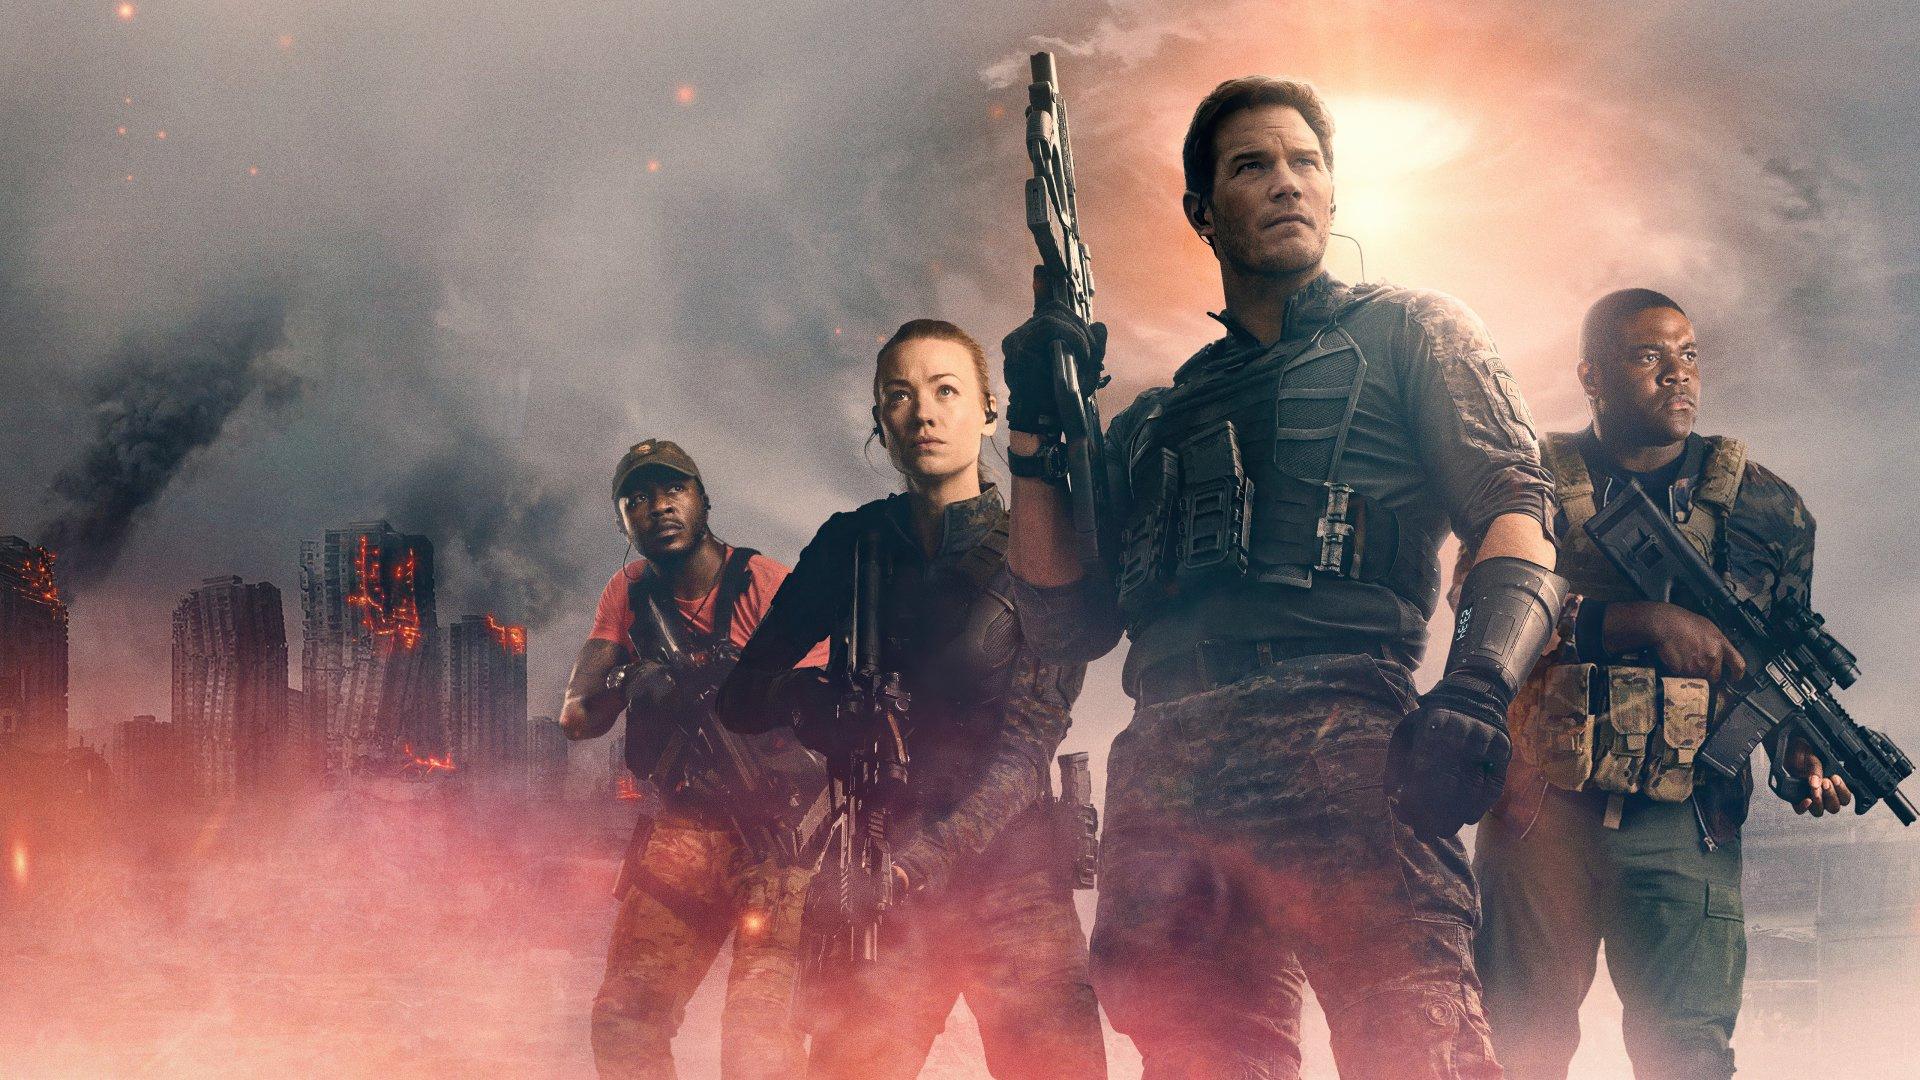 Вместо «Войны будущего»: на какие пять фильмов лучше потратить своё время | Канобу